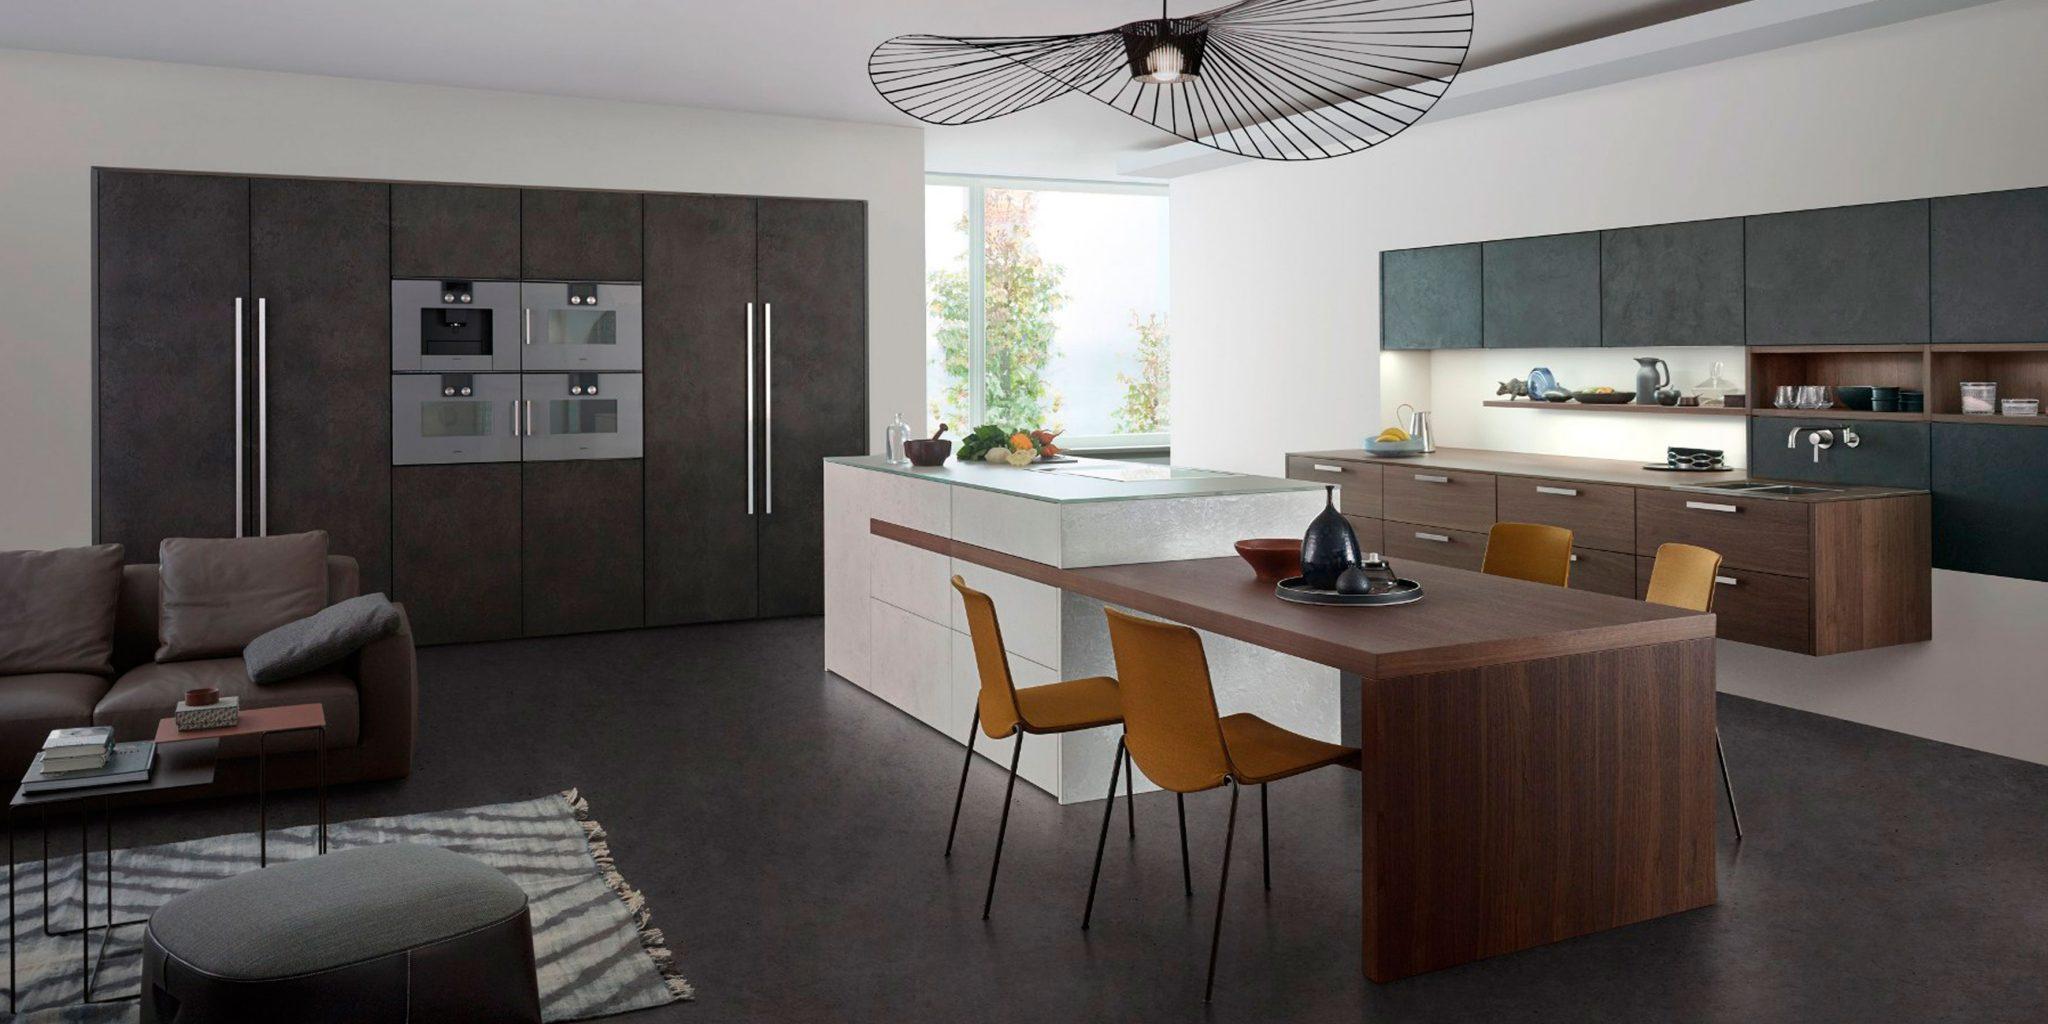 Объединение помещений кухни, столовой и гостиной